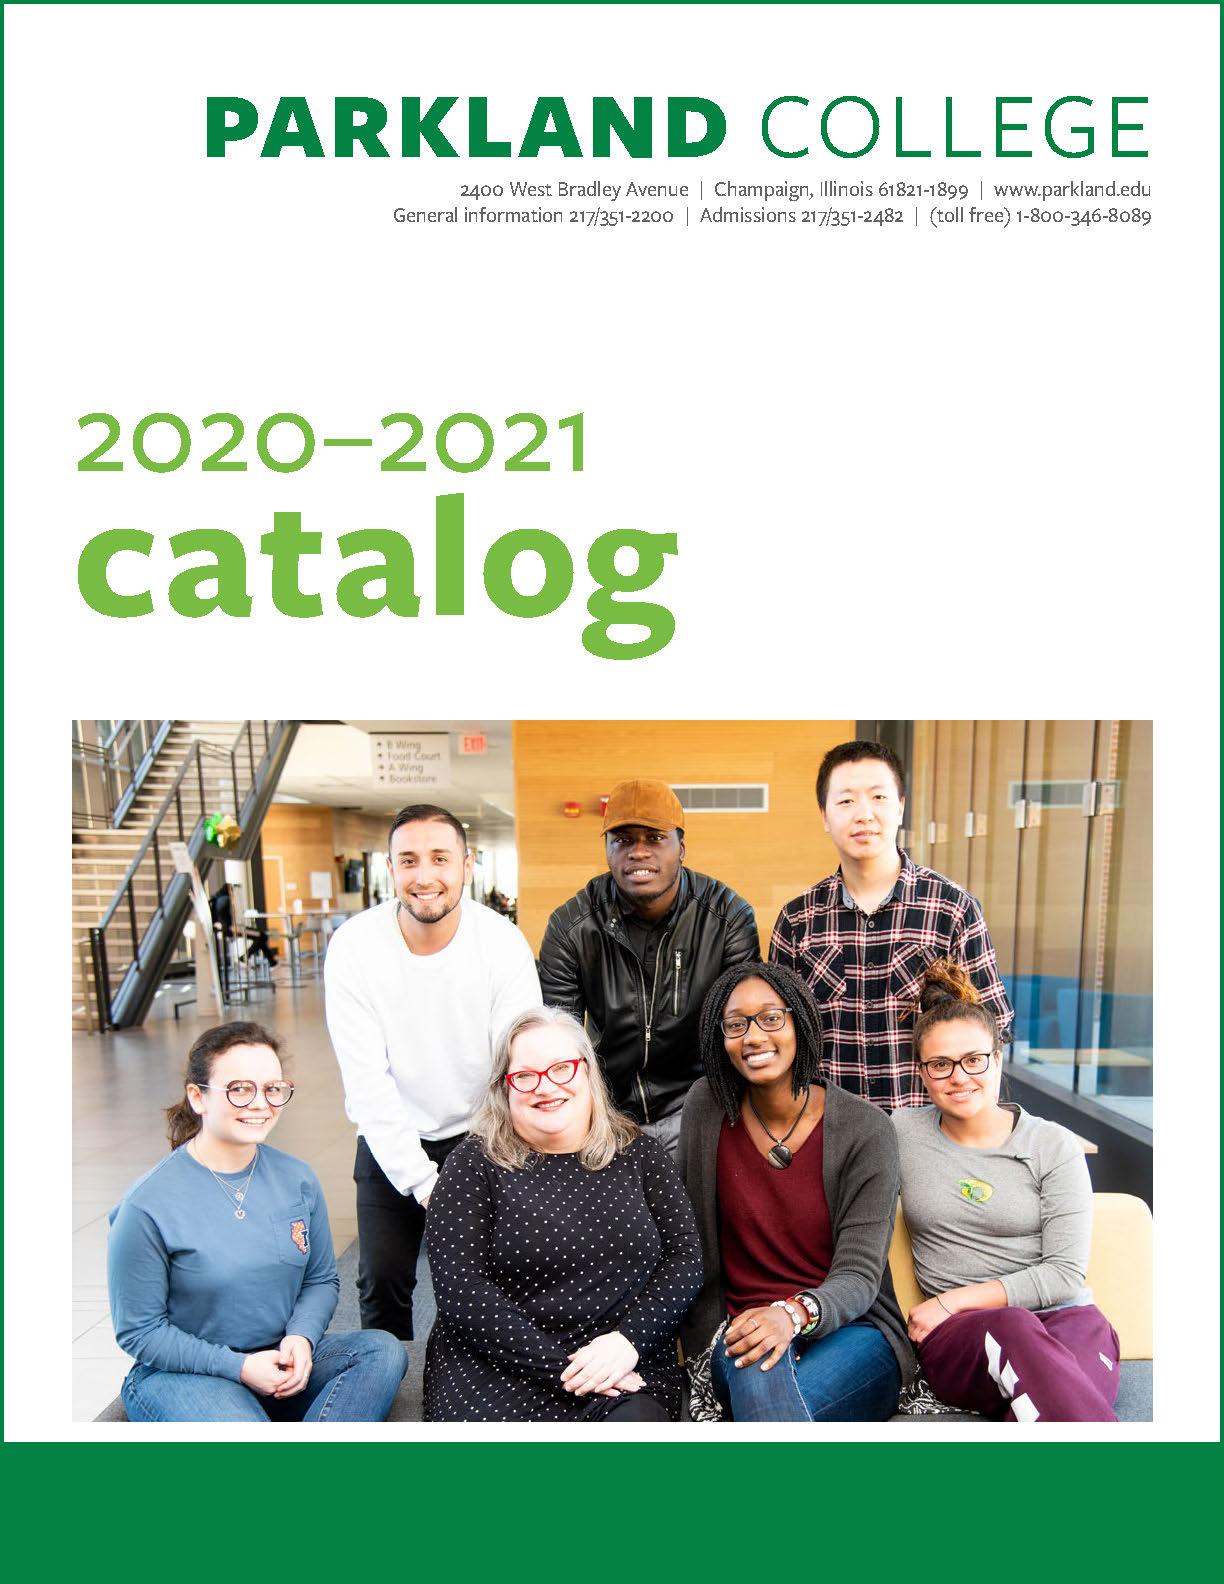 Catalog_2020-21%20Cover